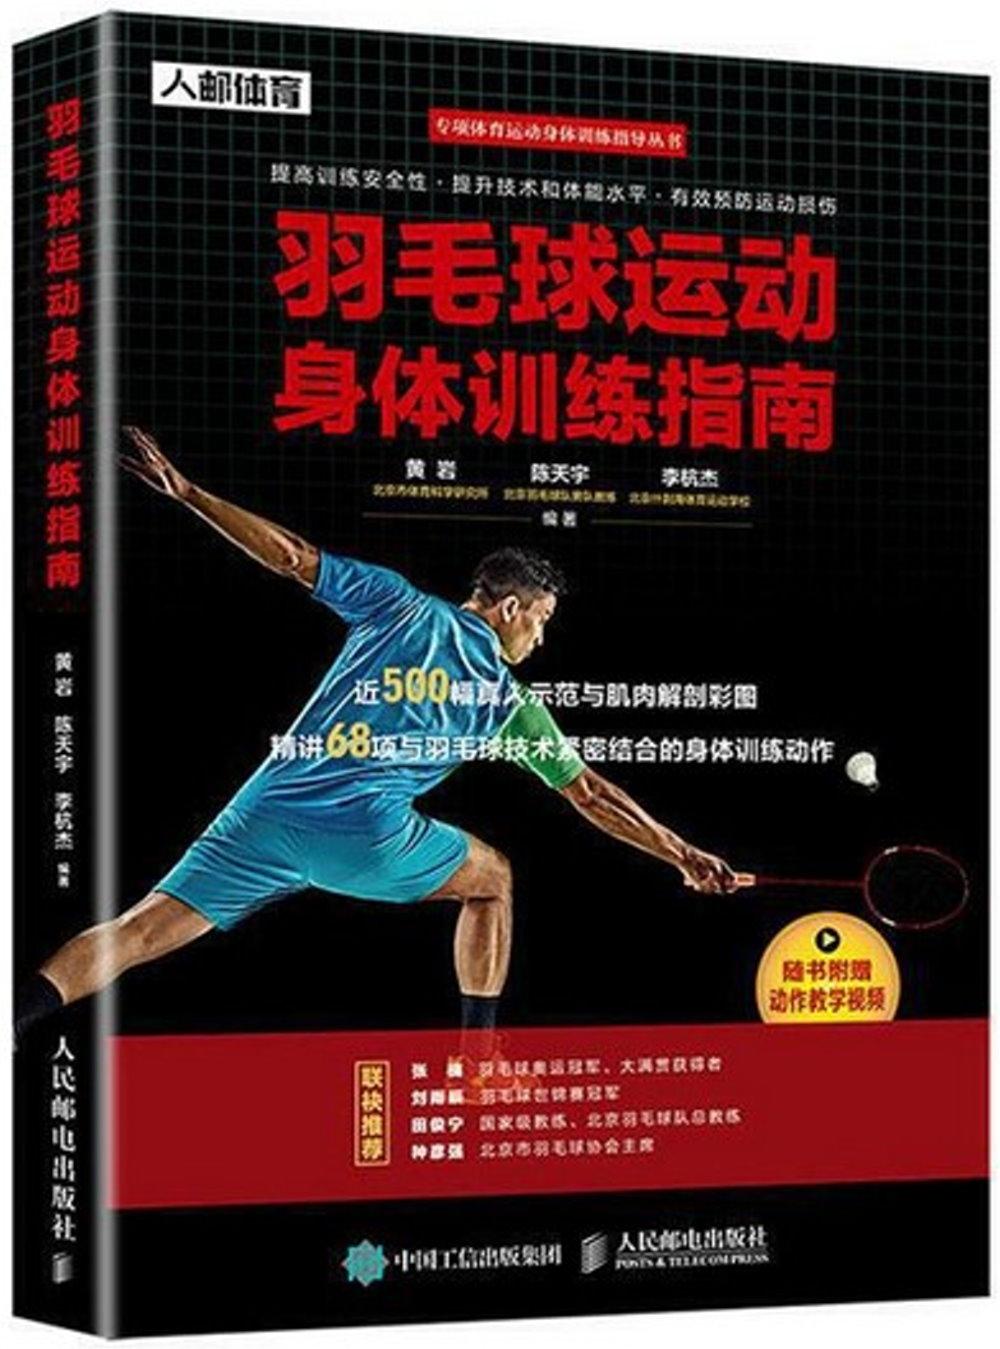 羽毛球運動身體訓練指南